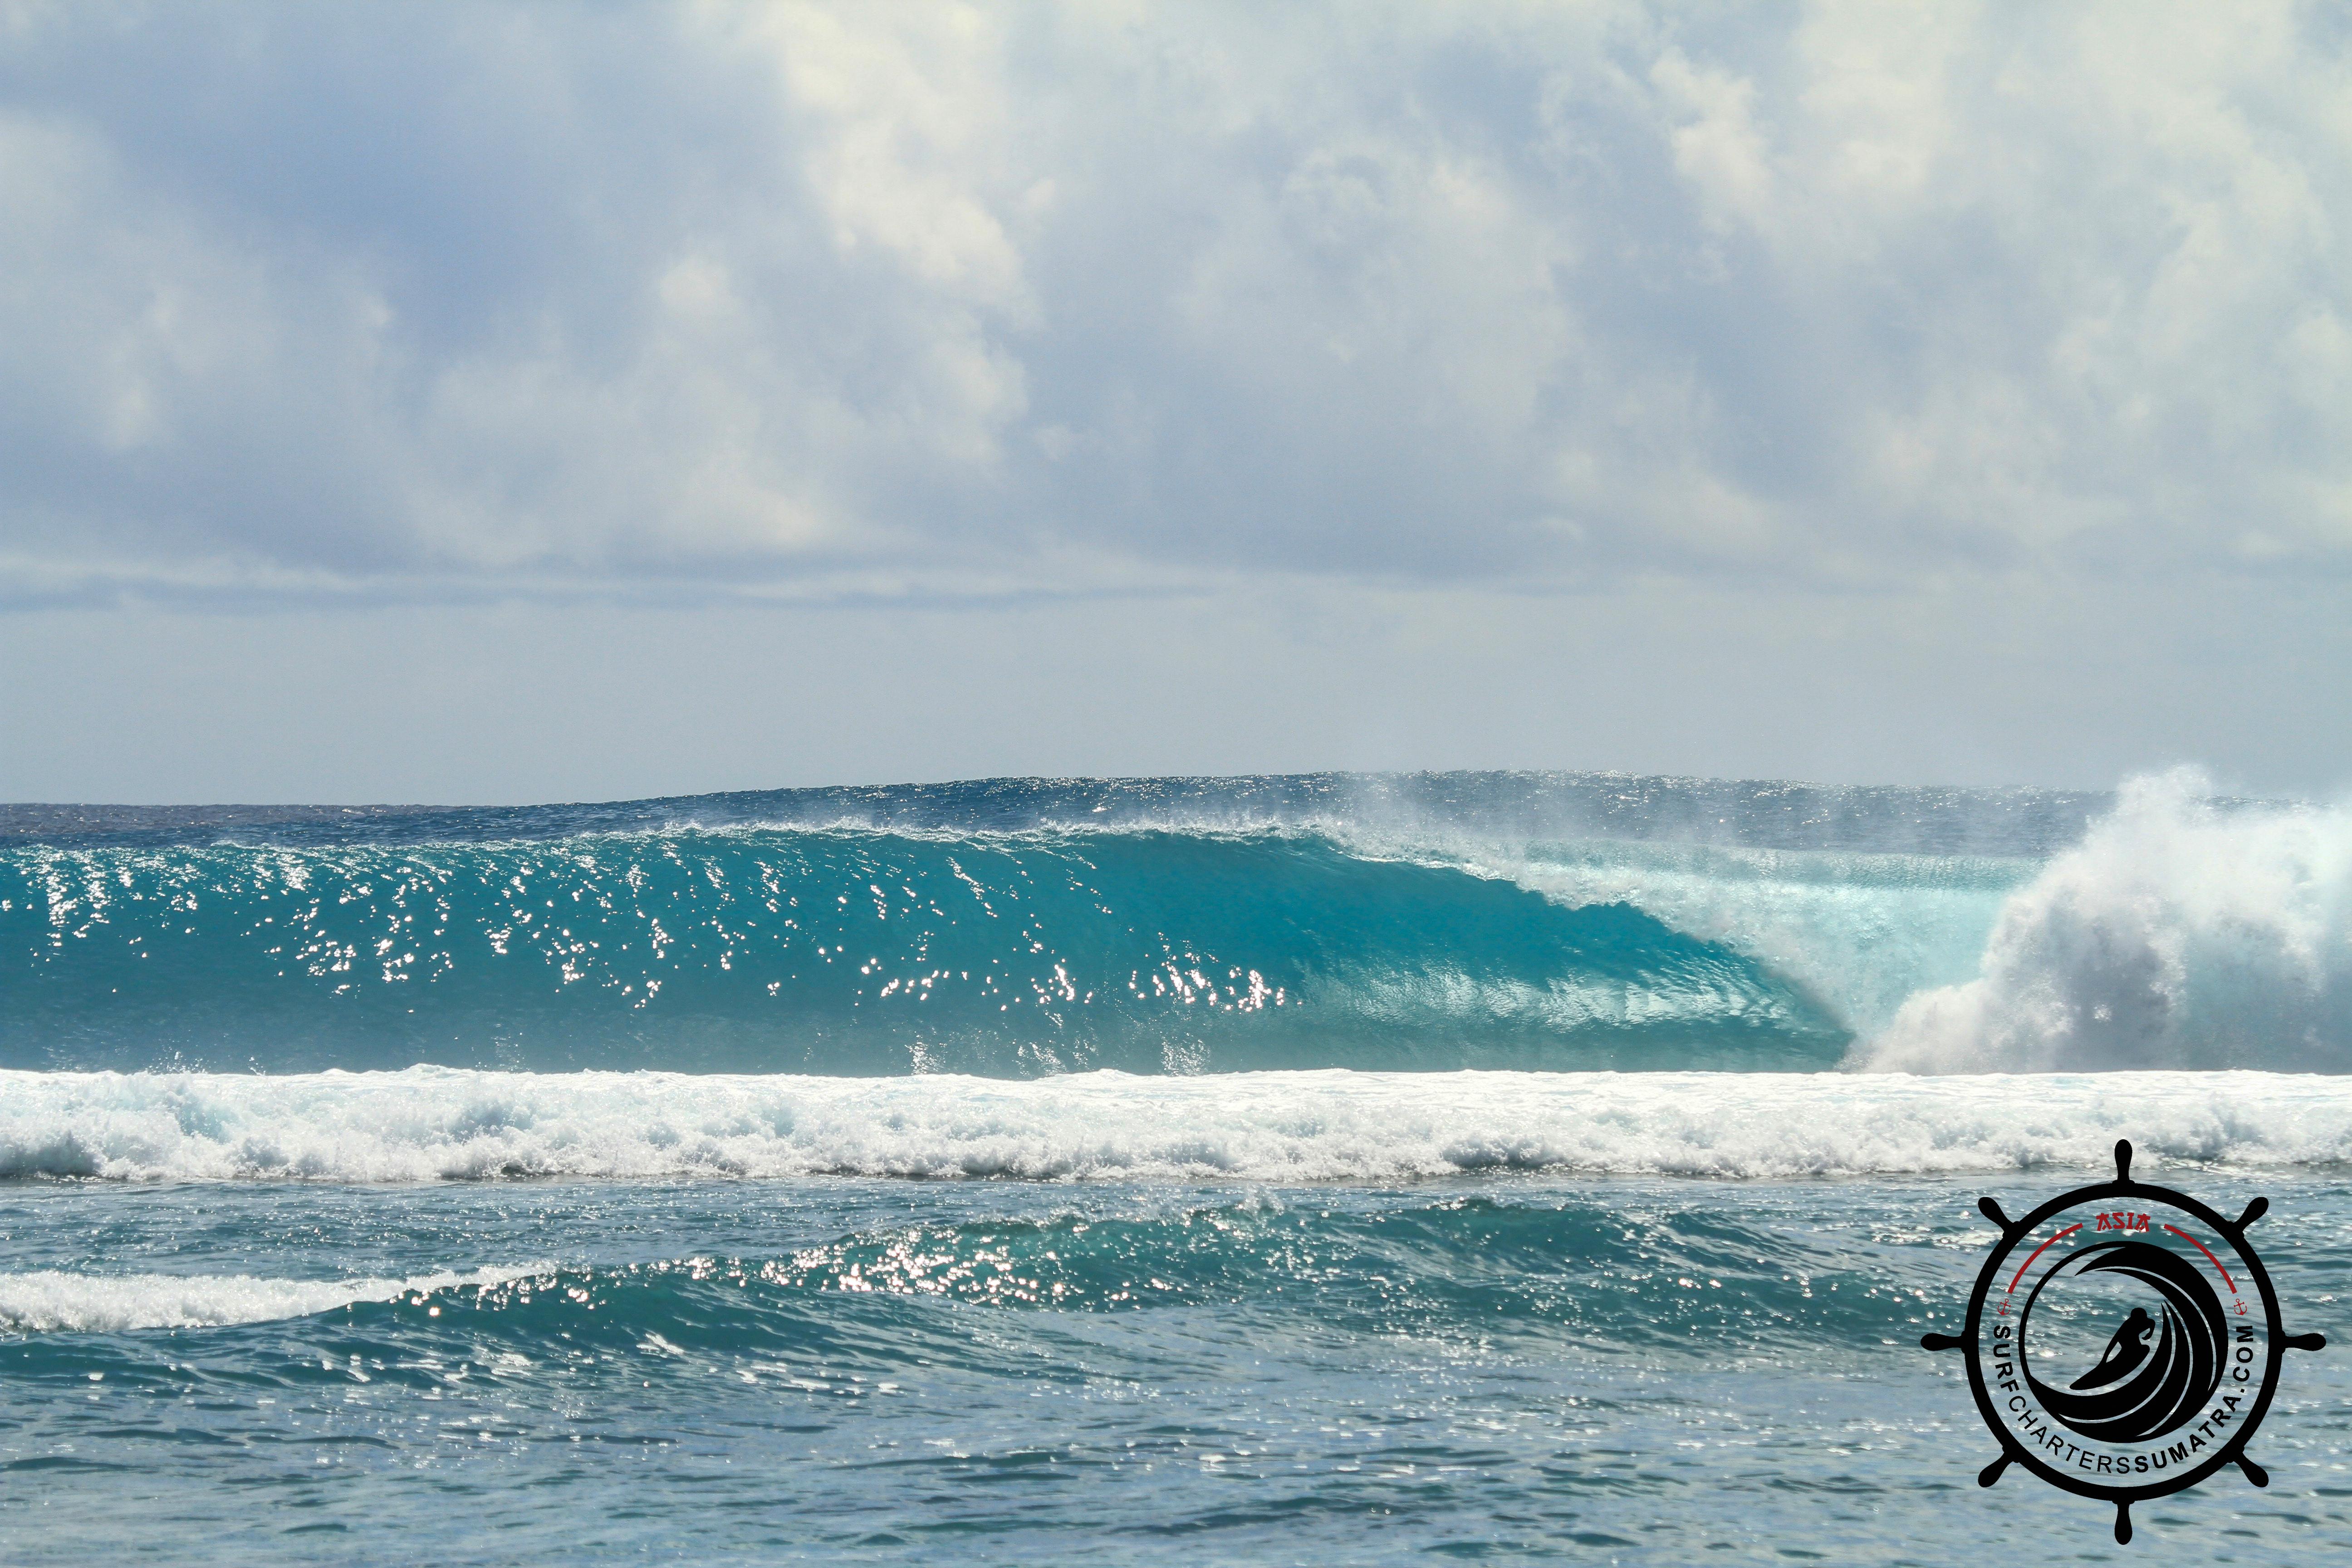 HTS MENTAWAI WAVE